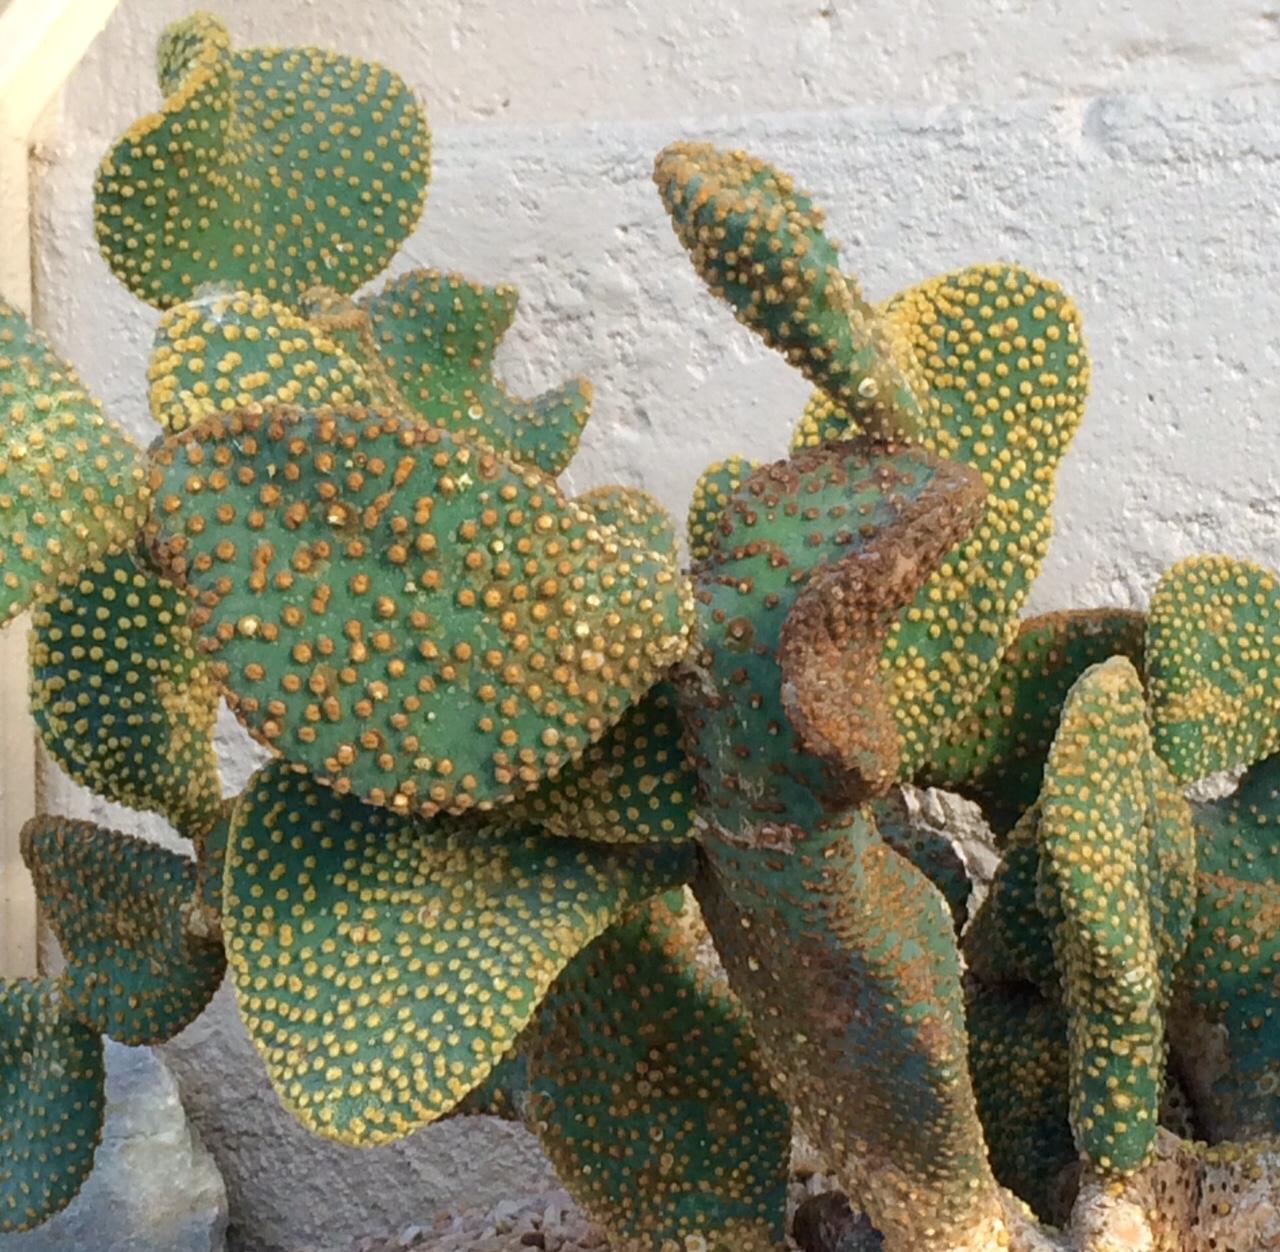 Cactus-discs.jpg